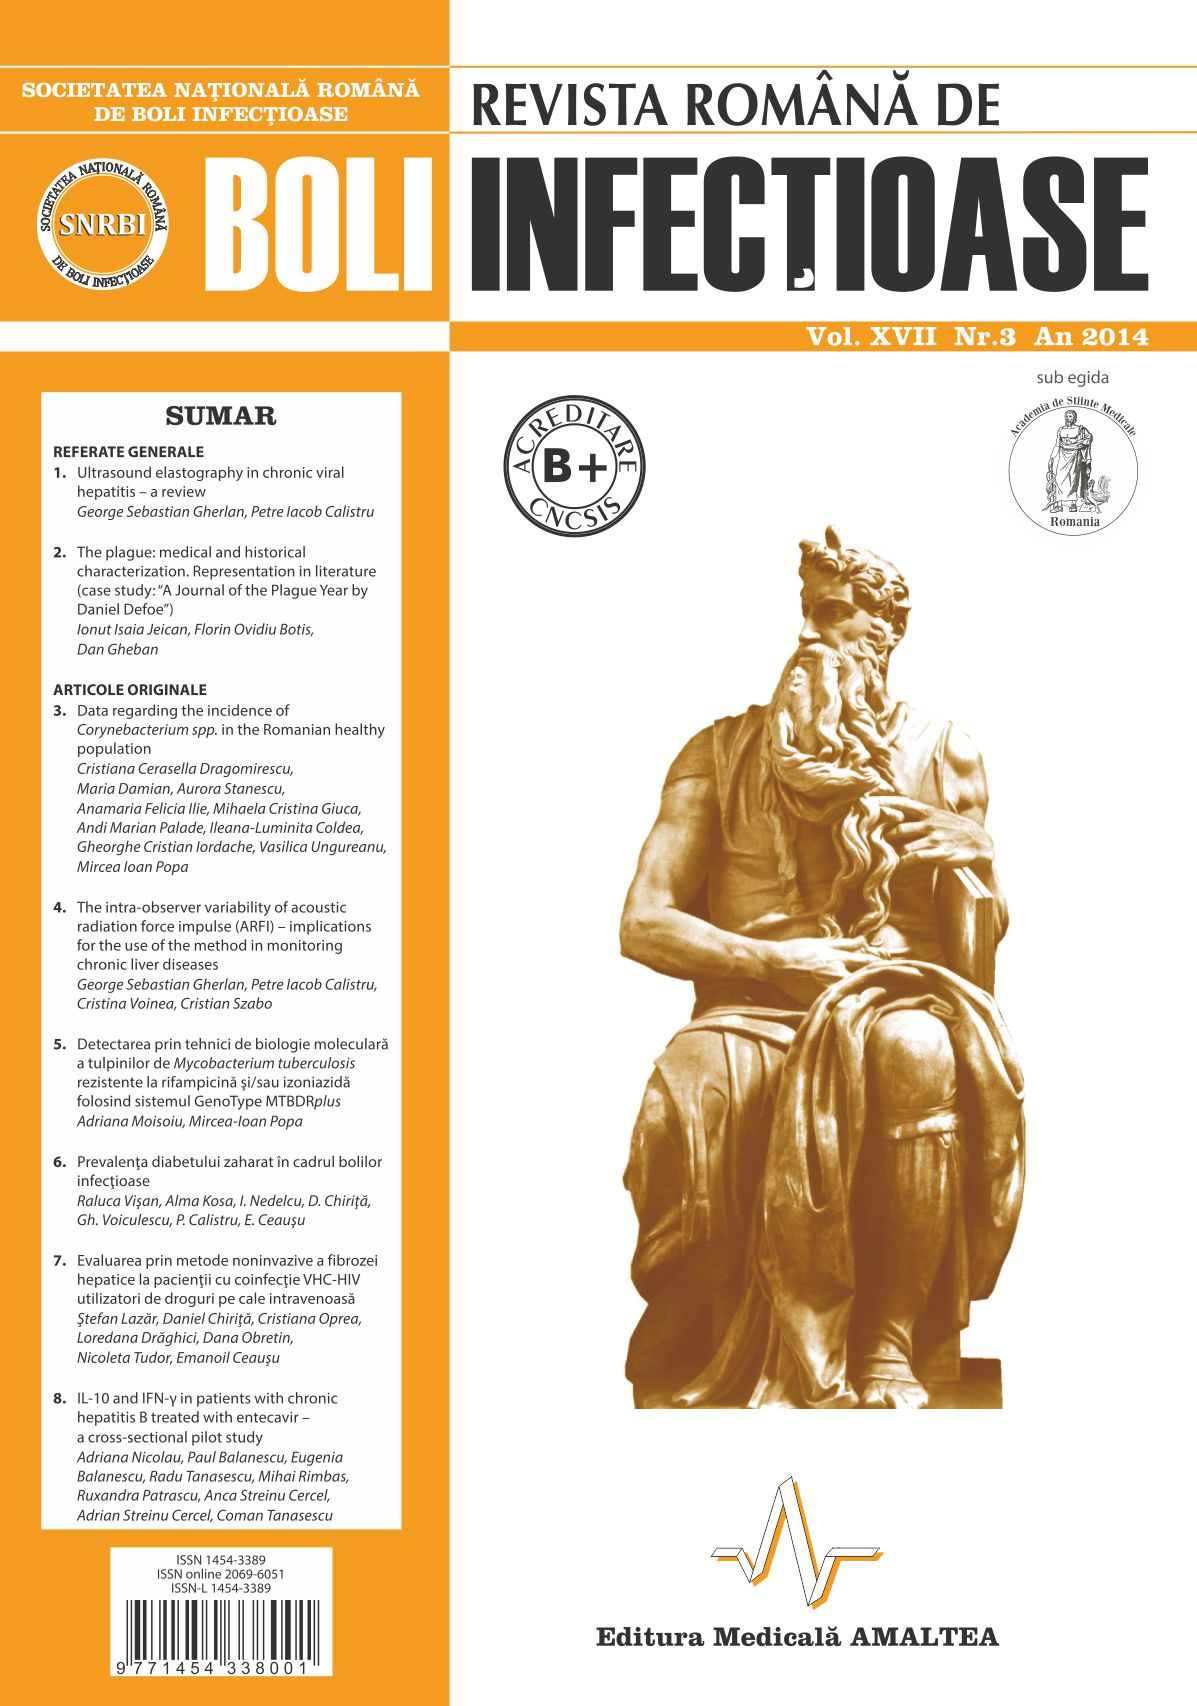 Revista Romana de Boli Infectioase | Vol. XVII, No. 3, 2014